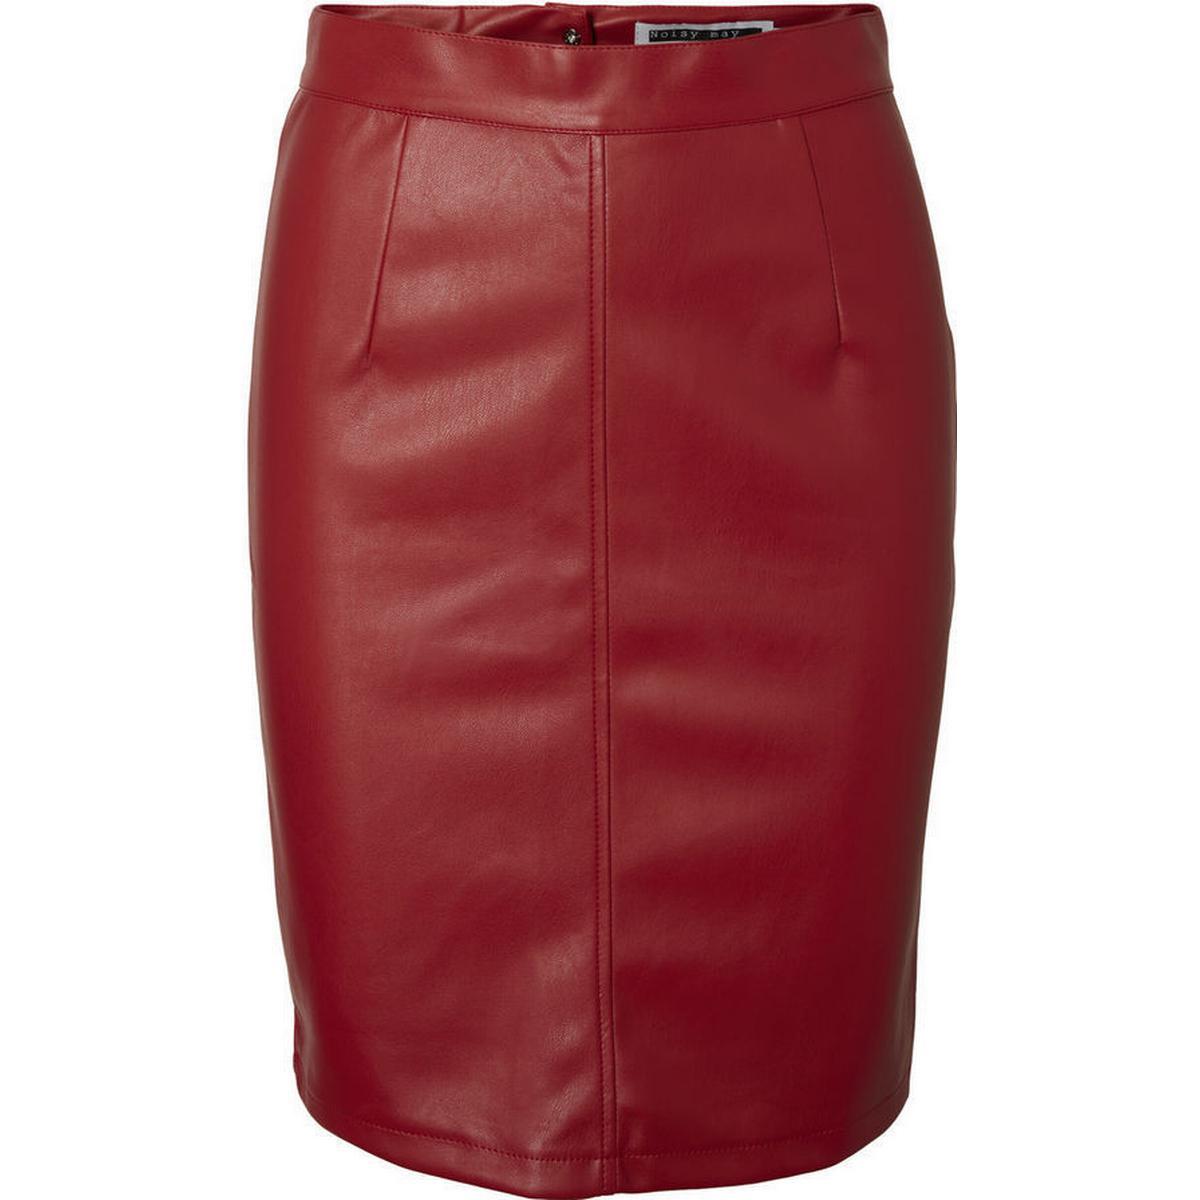 Læder nederdel Dametøj (700+ produkter) • Se billigste pris nu »